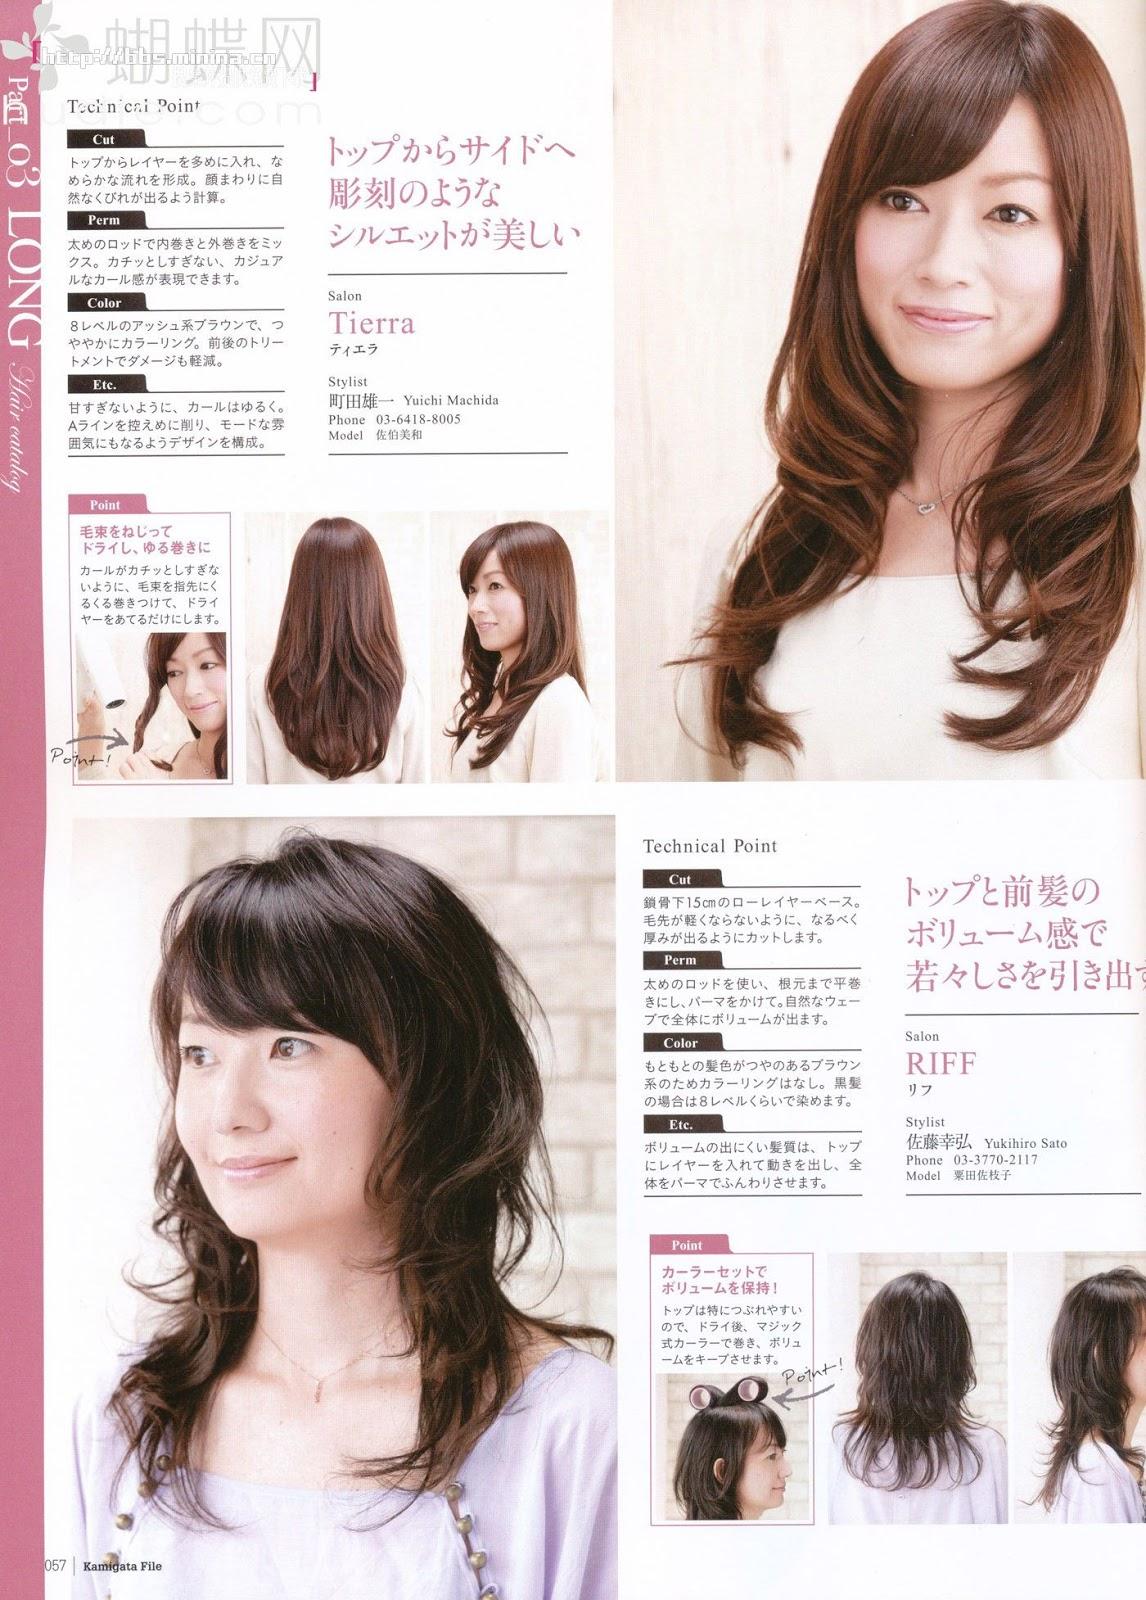 Peinados Japoneses Paso A Paso - Peinados japoneses Belleza y Estilo